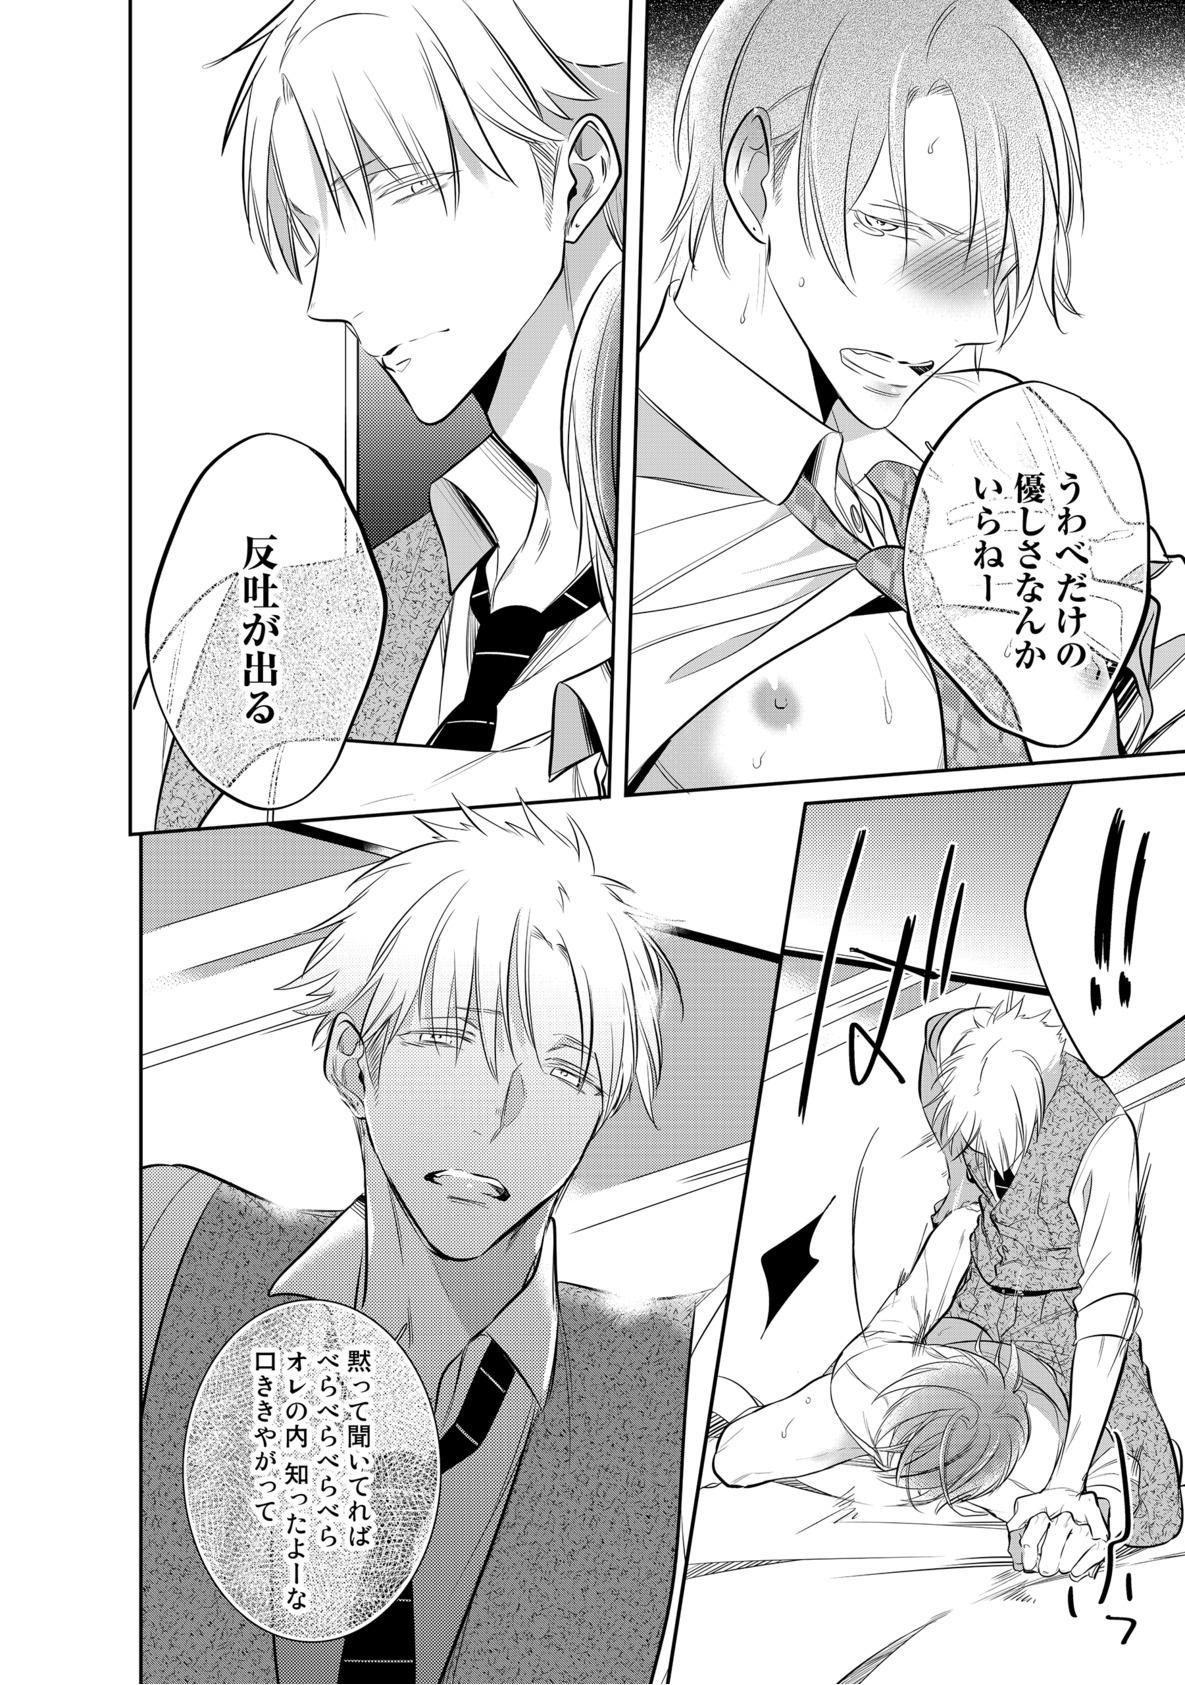 Kurui Naku no wa Boku no Ban ~ vol.2 74